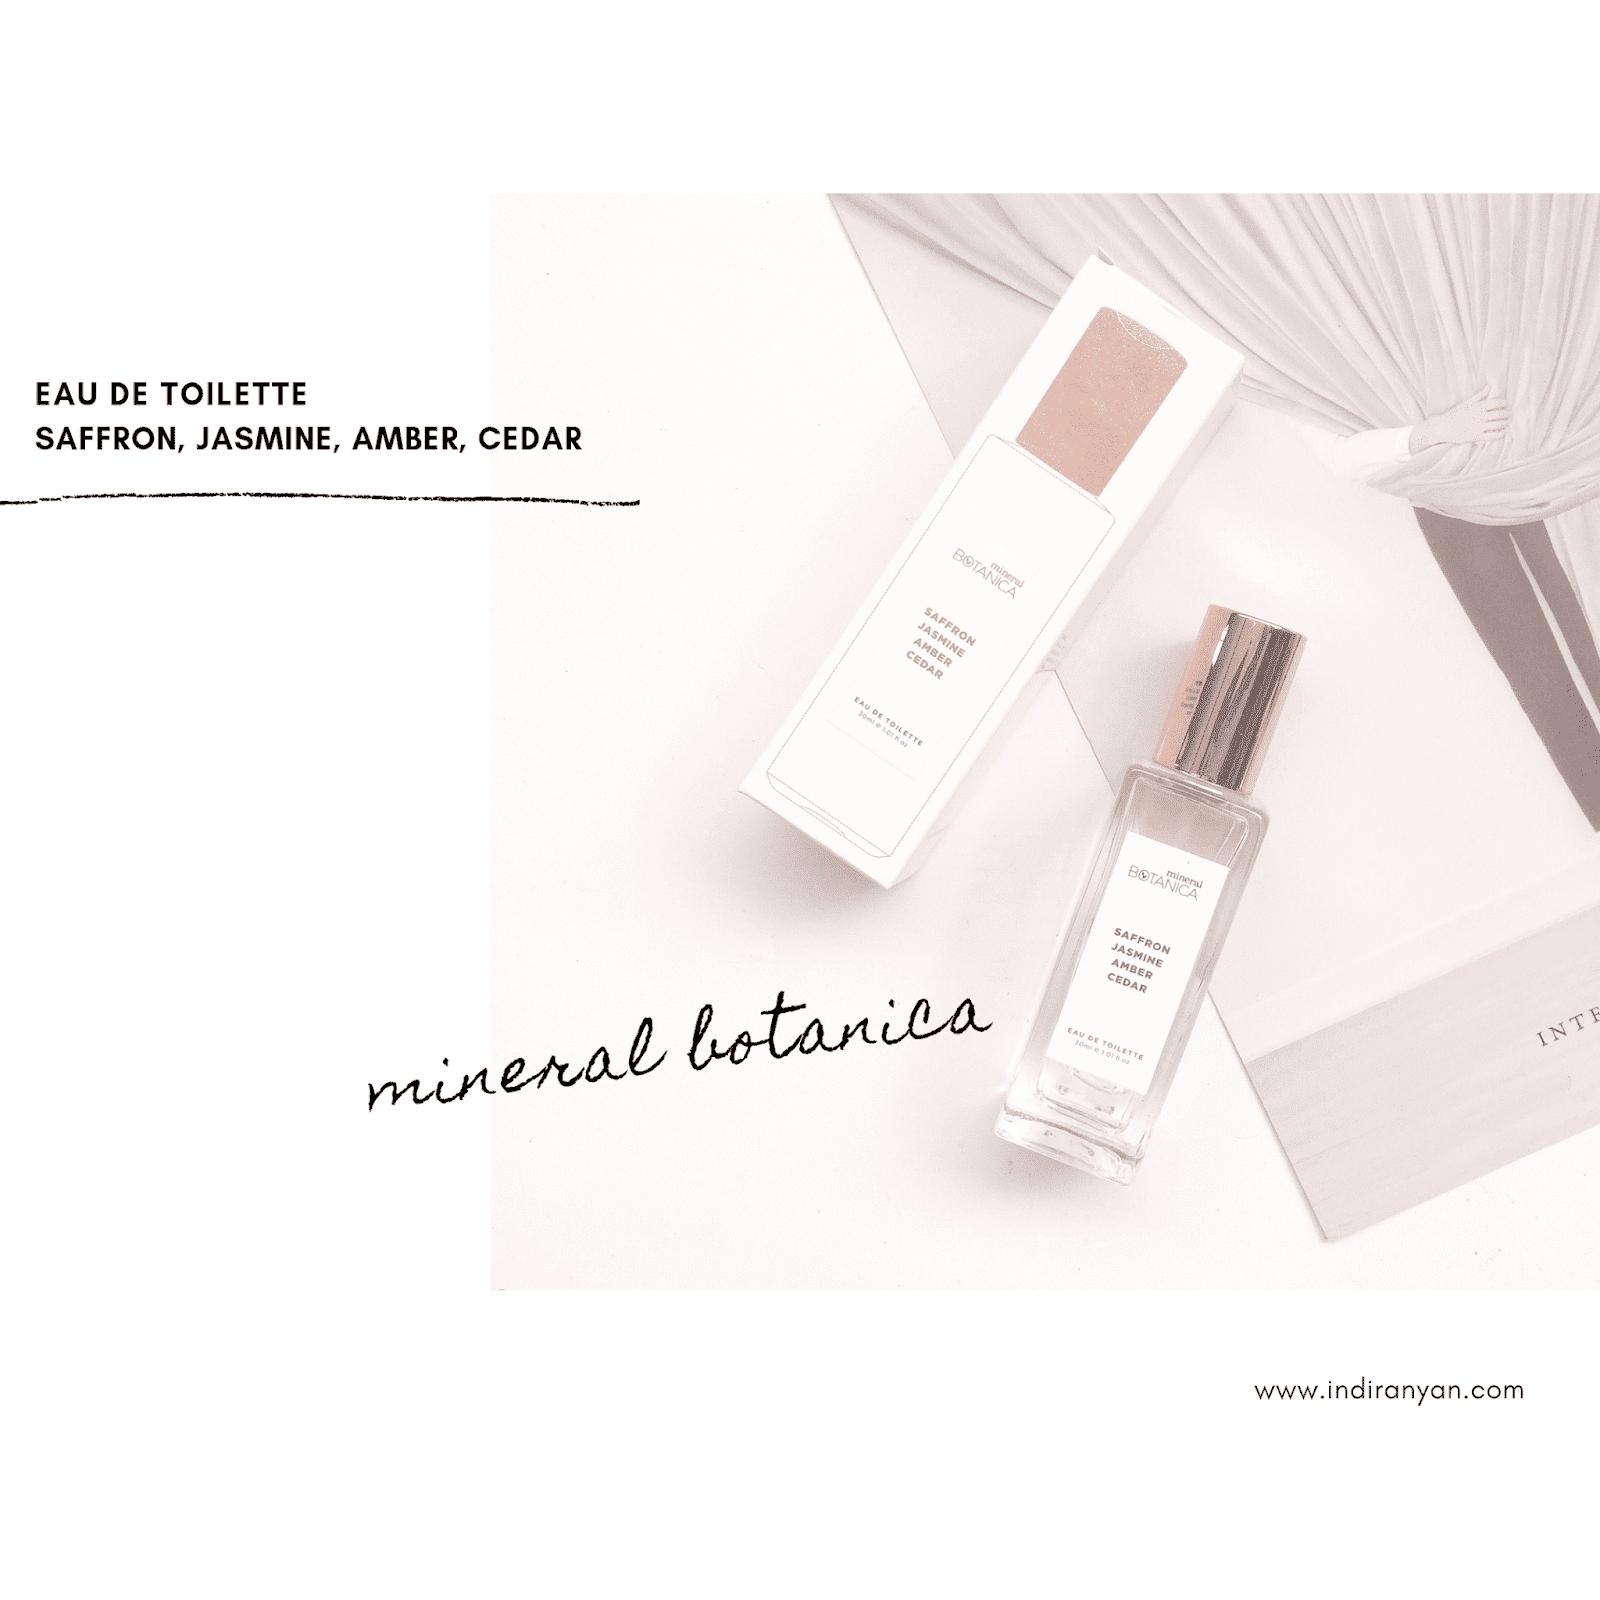 mineral-botanica-eau-de-toilette-saffron-jasmine-amber-cedar-review